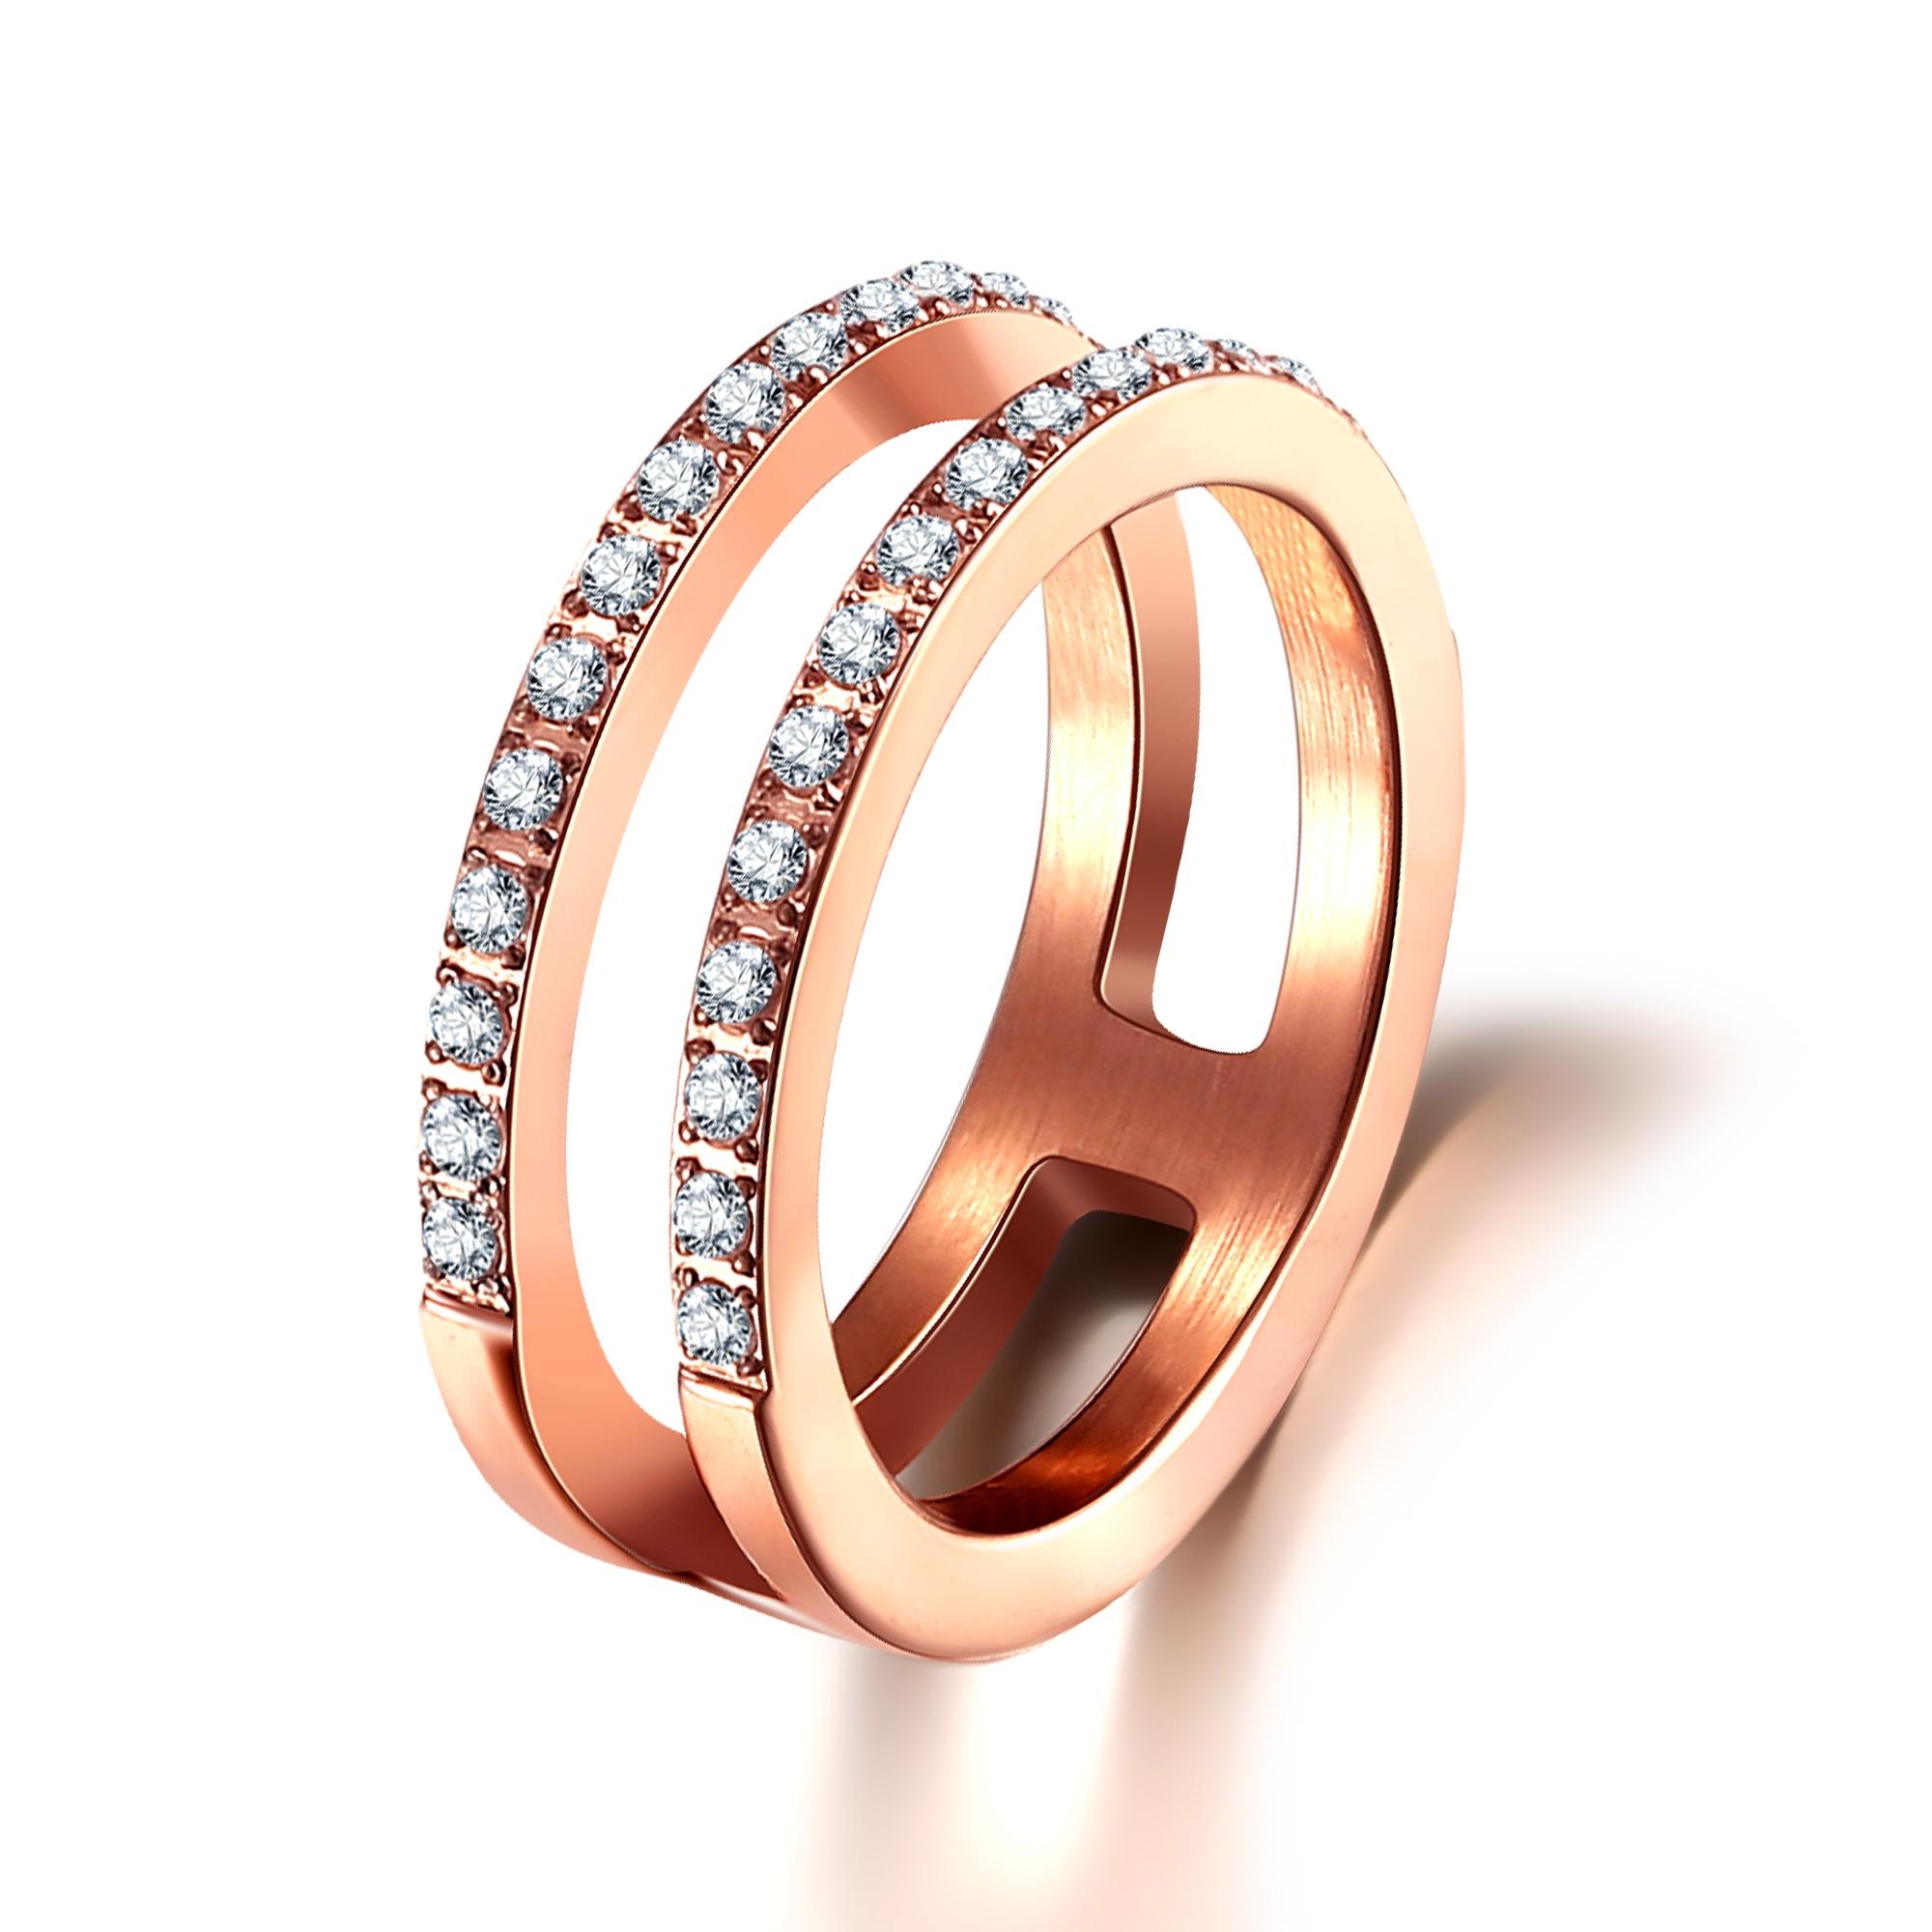 Rosaforgyldt stål ring med zirkonia - 1603023 størrelse 54 fra ice diamonds by kranz fra brodersen + kobborg